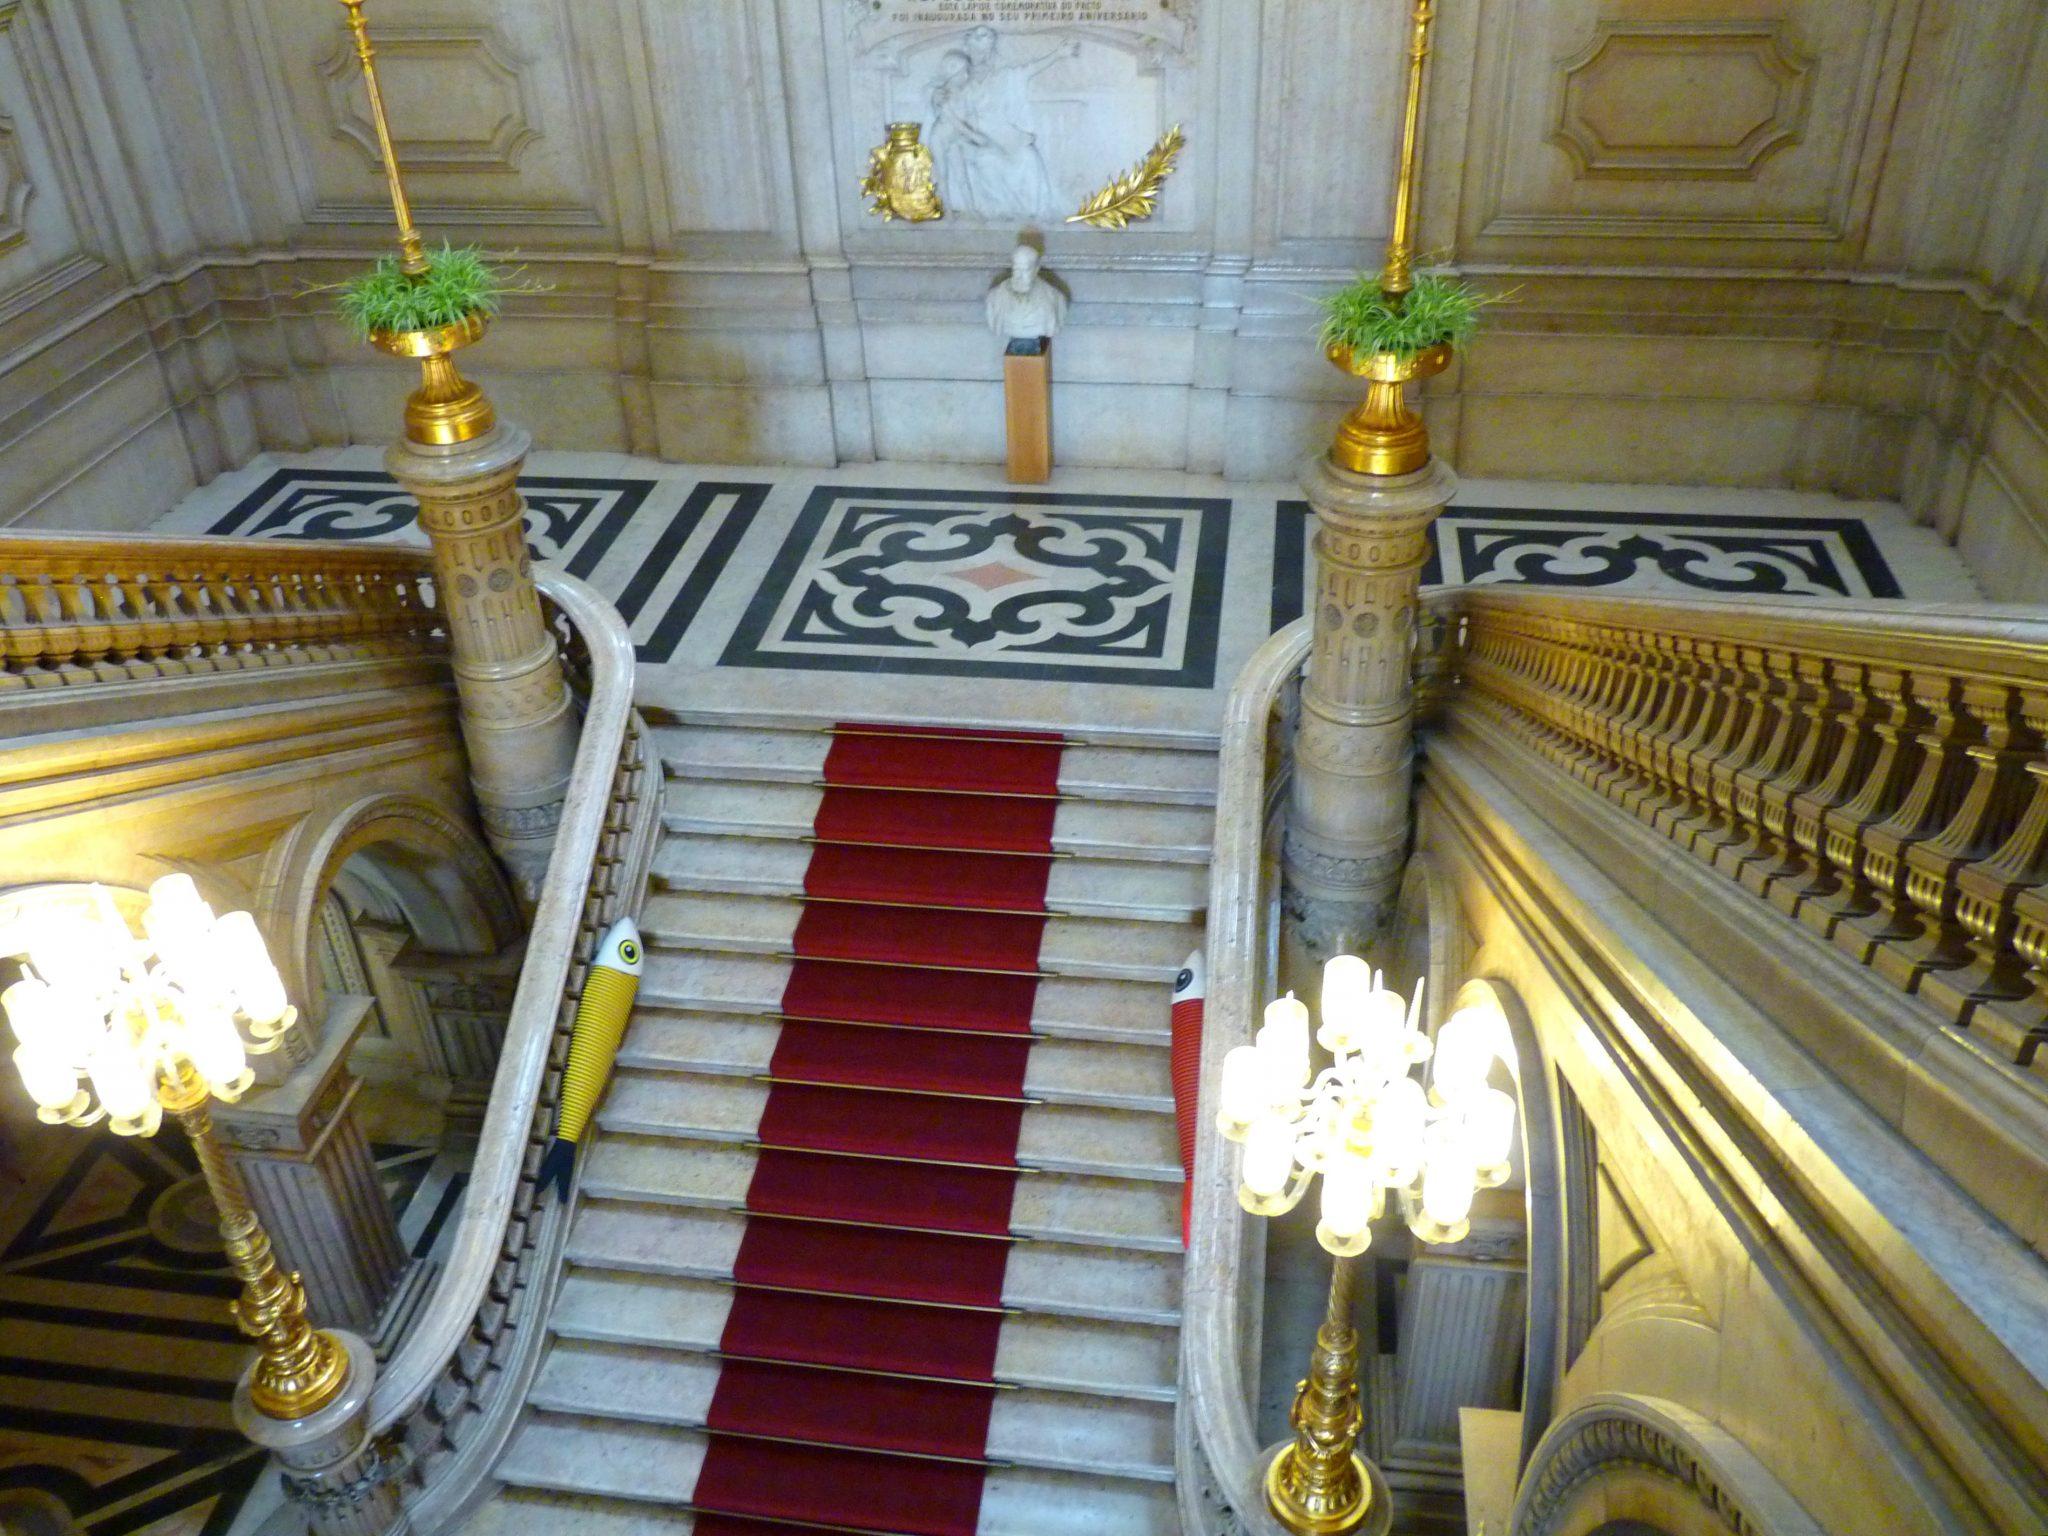 Câmara Municipal de Lisboa escadaria 02 Lisboa Portugal Mundo Indefinido